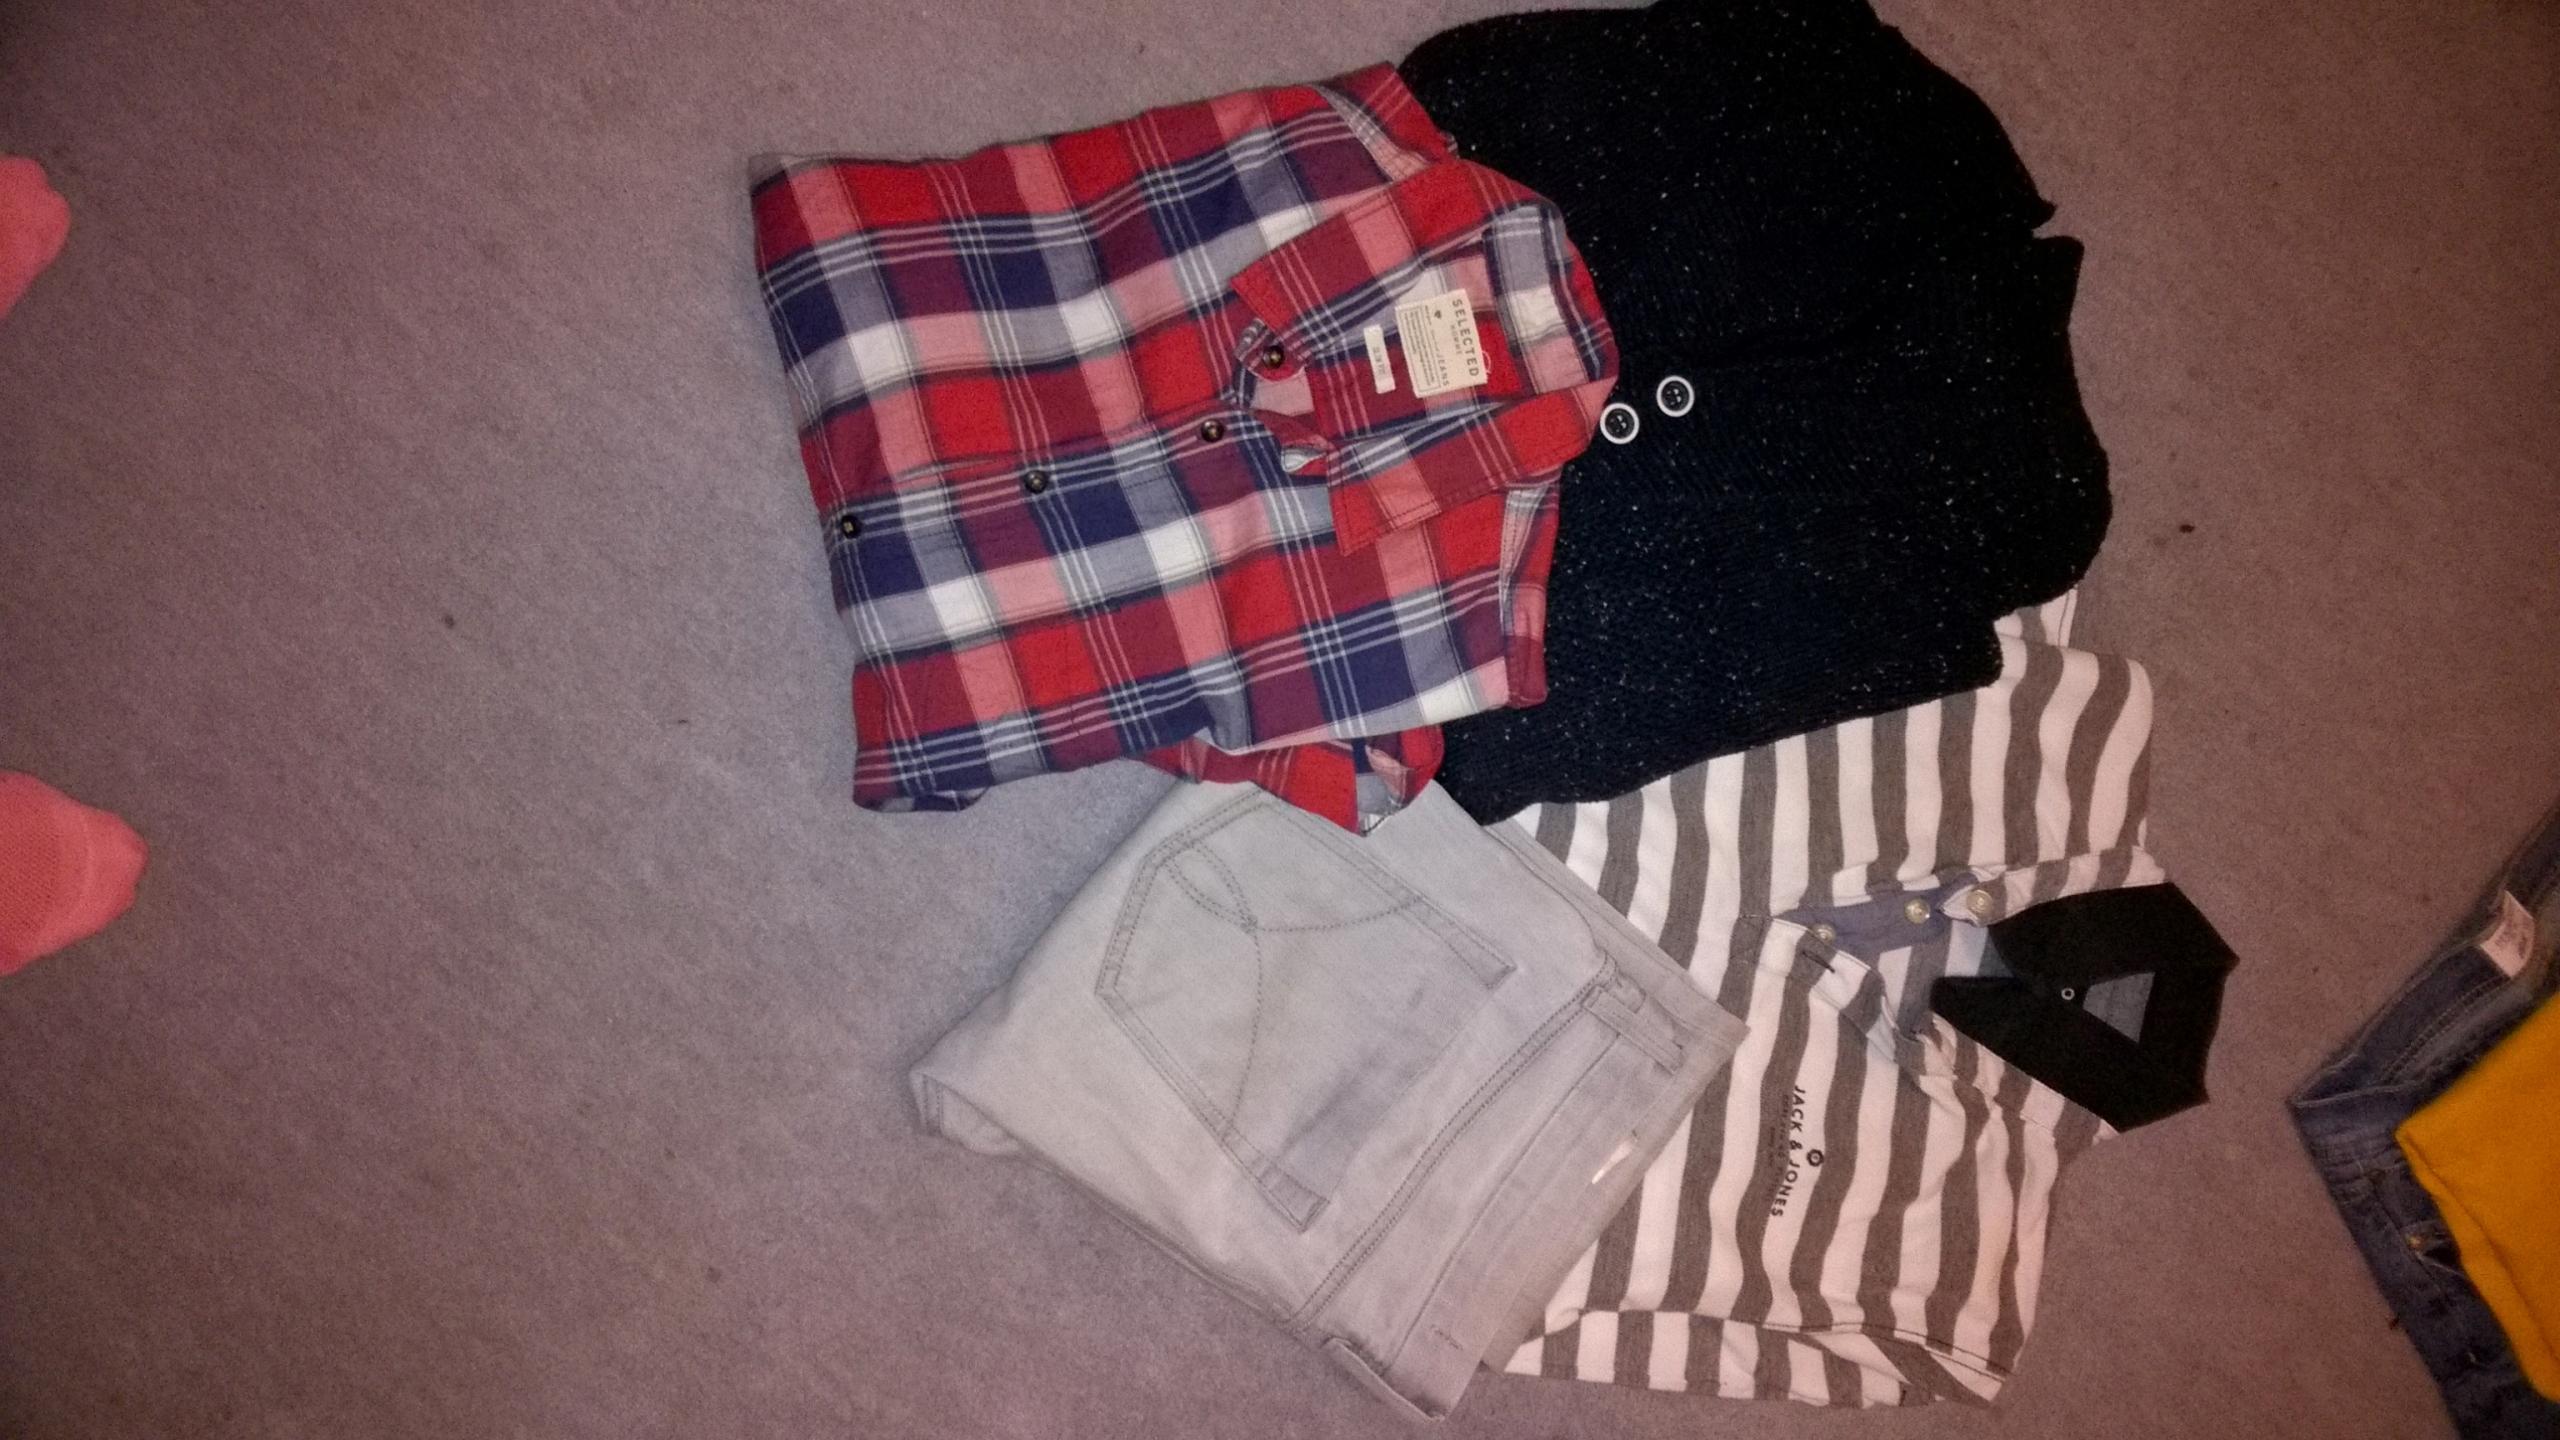 Okazja! Zestaw markowych ubrań męskich r L/XL